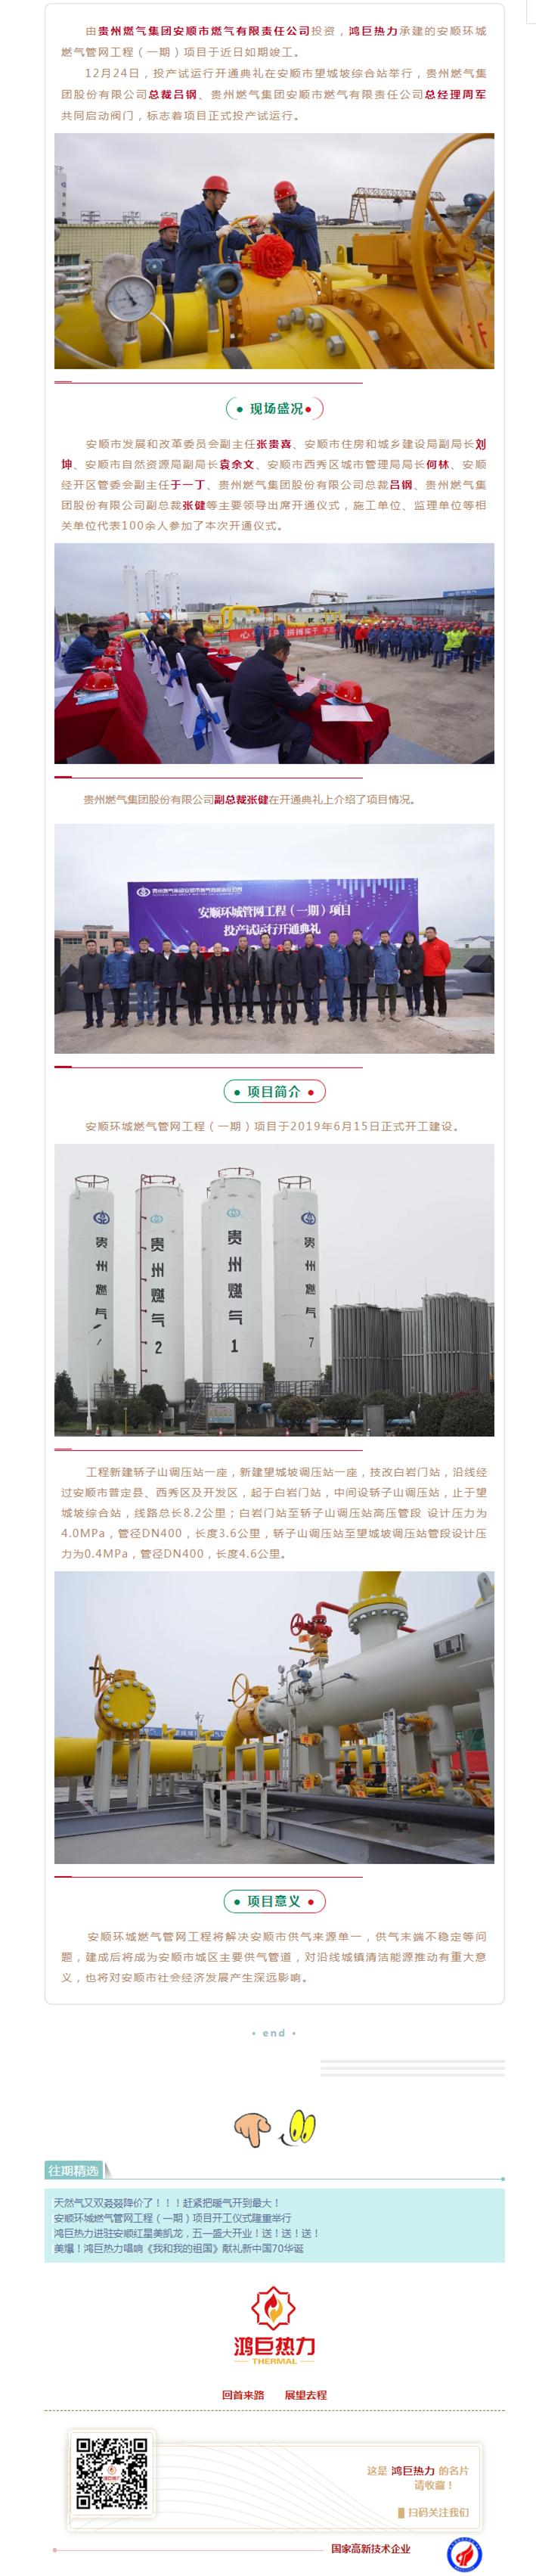 安顺环城燃气管网工程(一期)项目如期开通!_副本.png